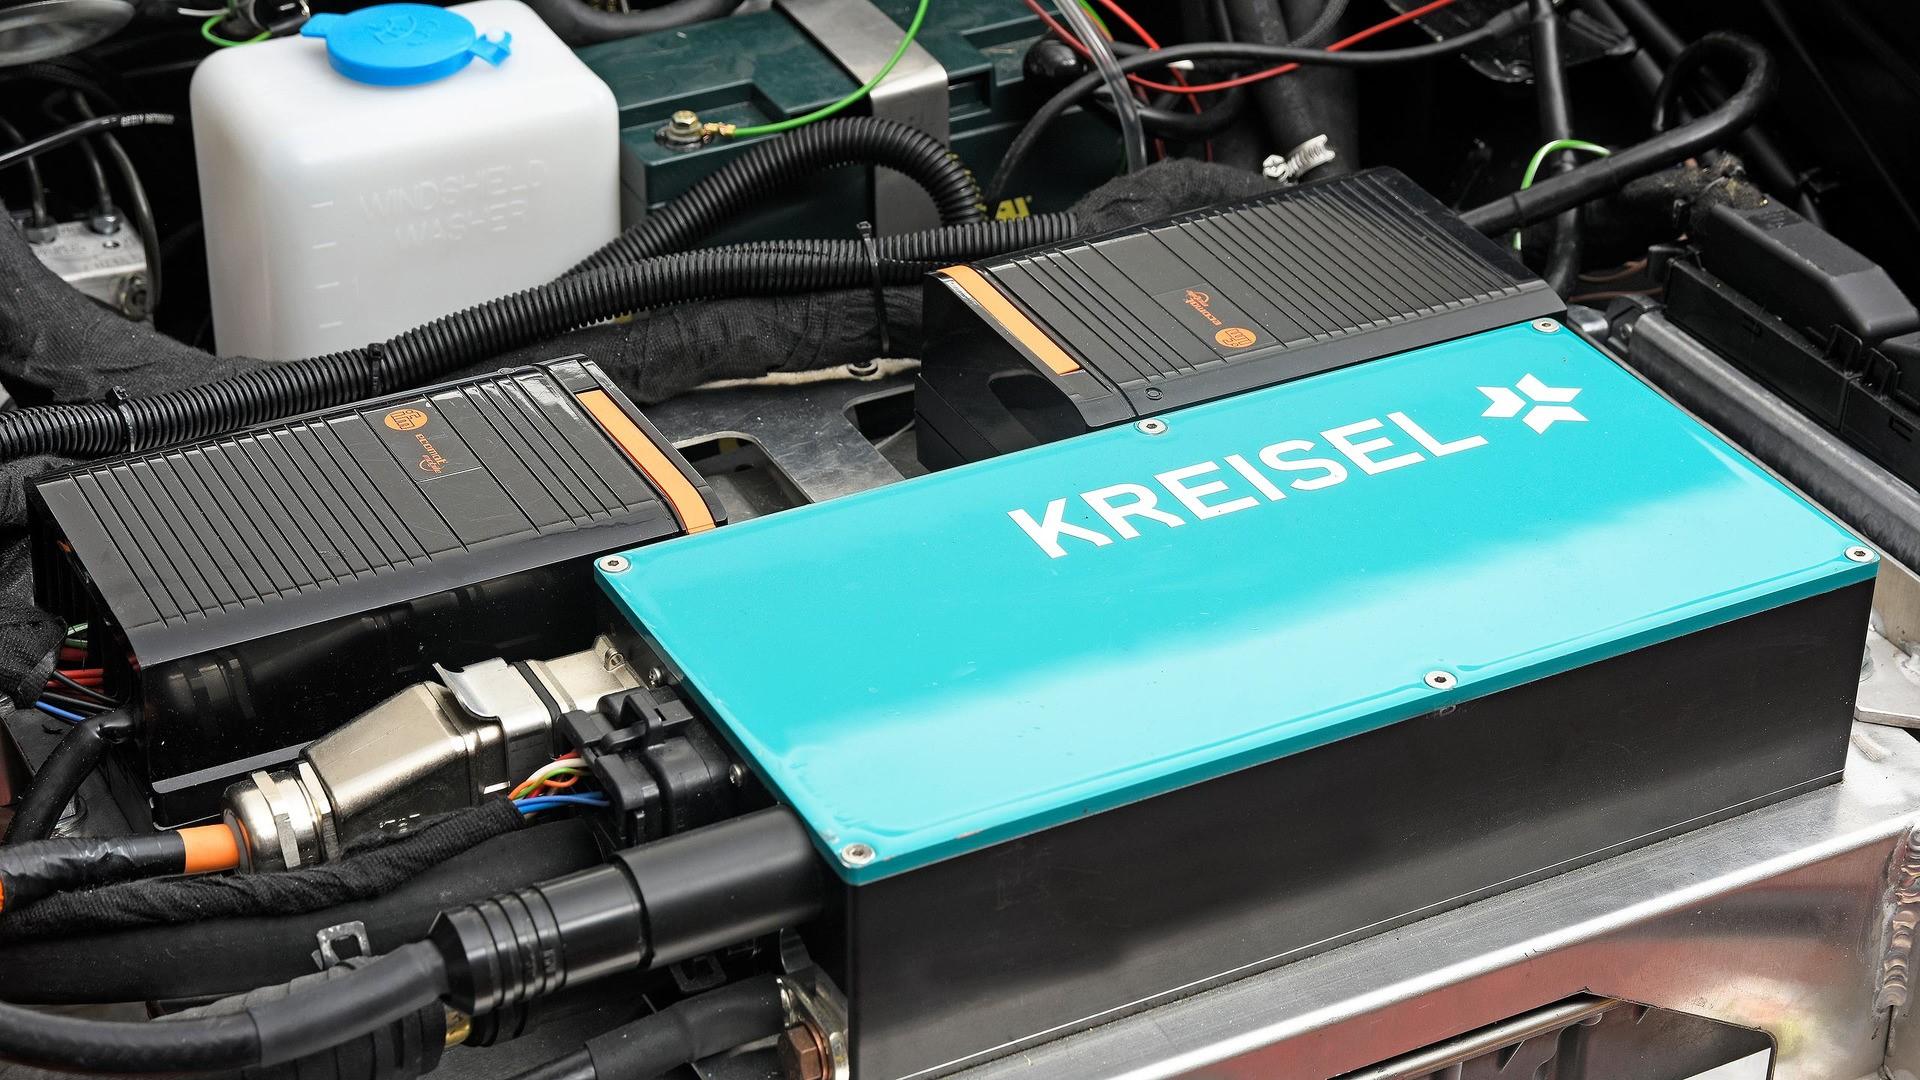 kreisel-evex-porsche-910e (11)